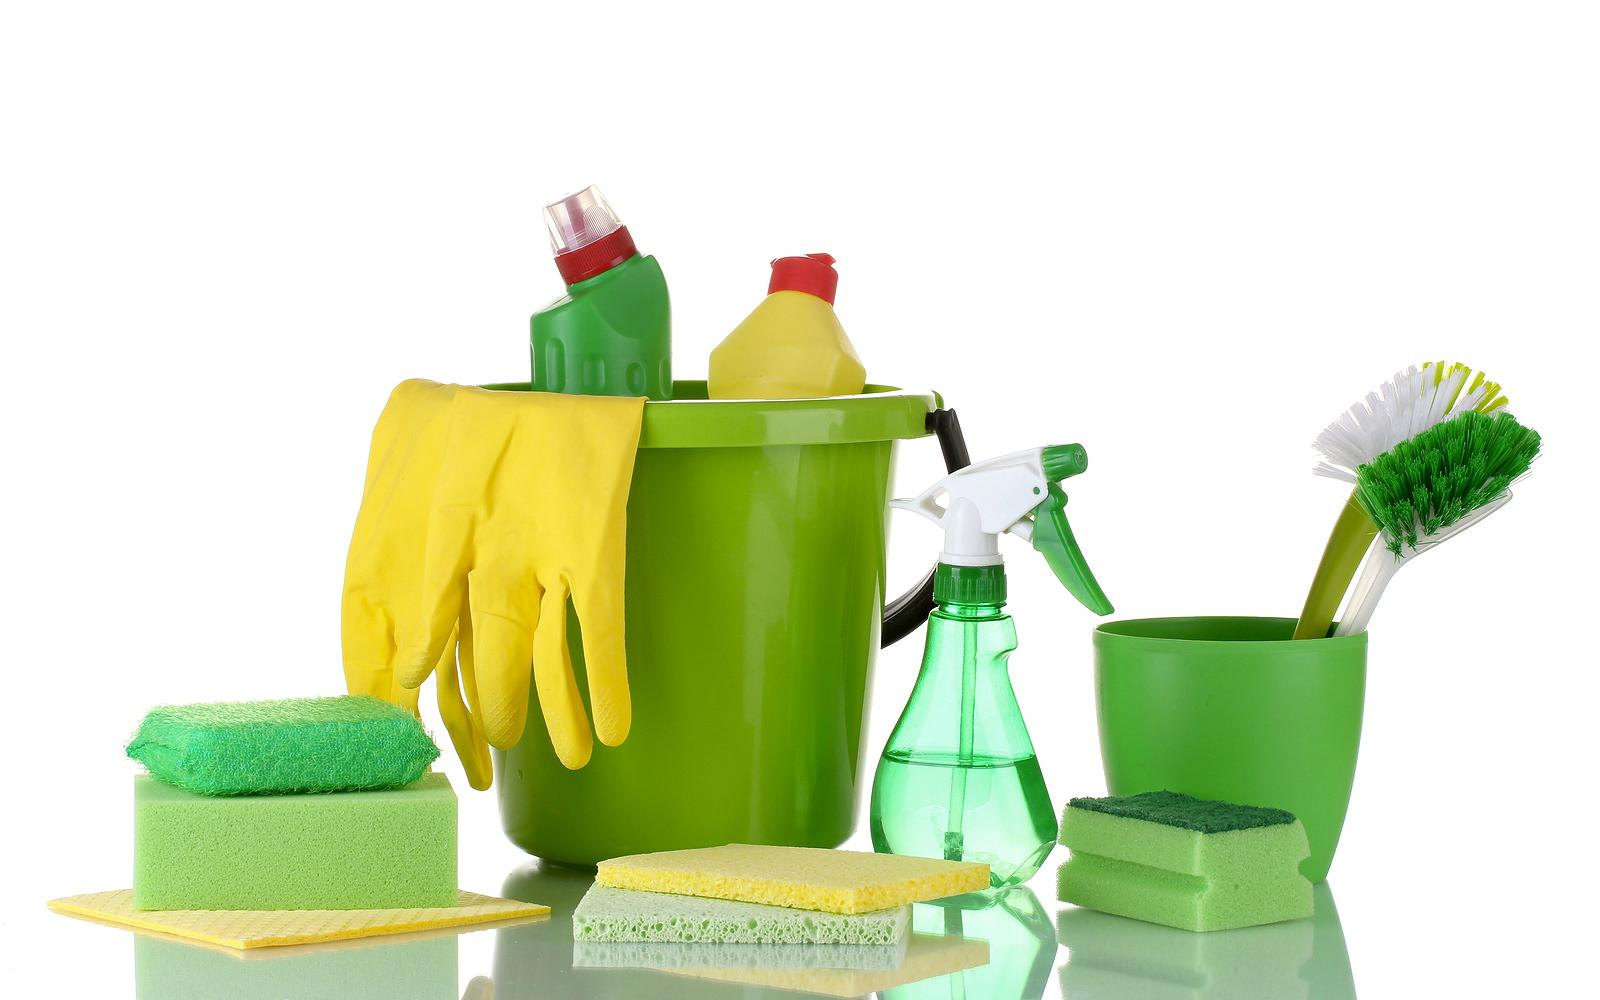 produtos-poluicao-casa-4.jpg